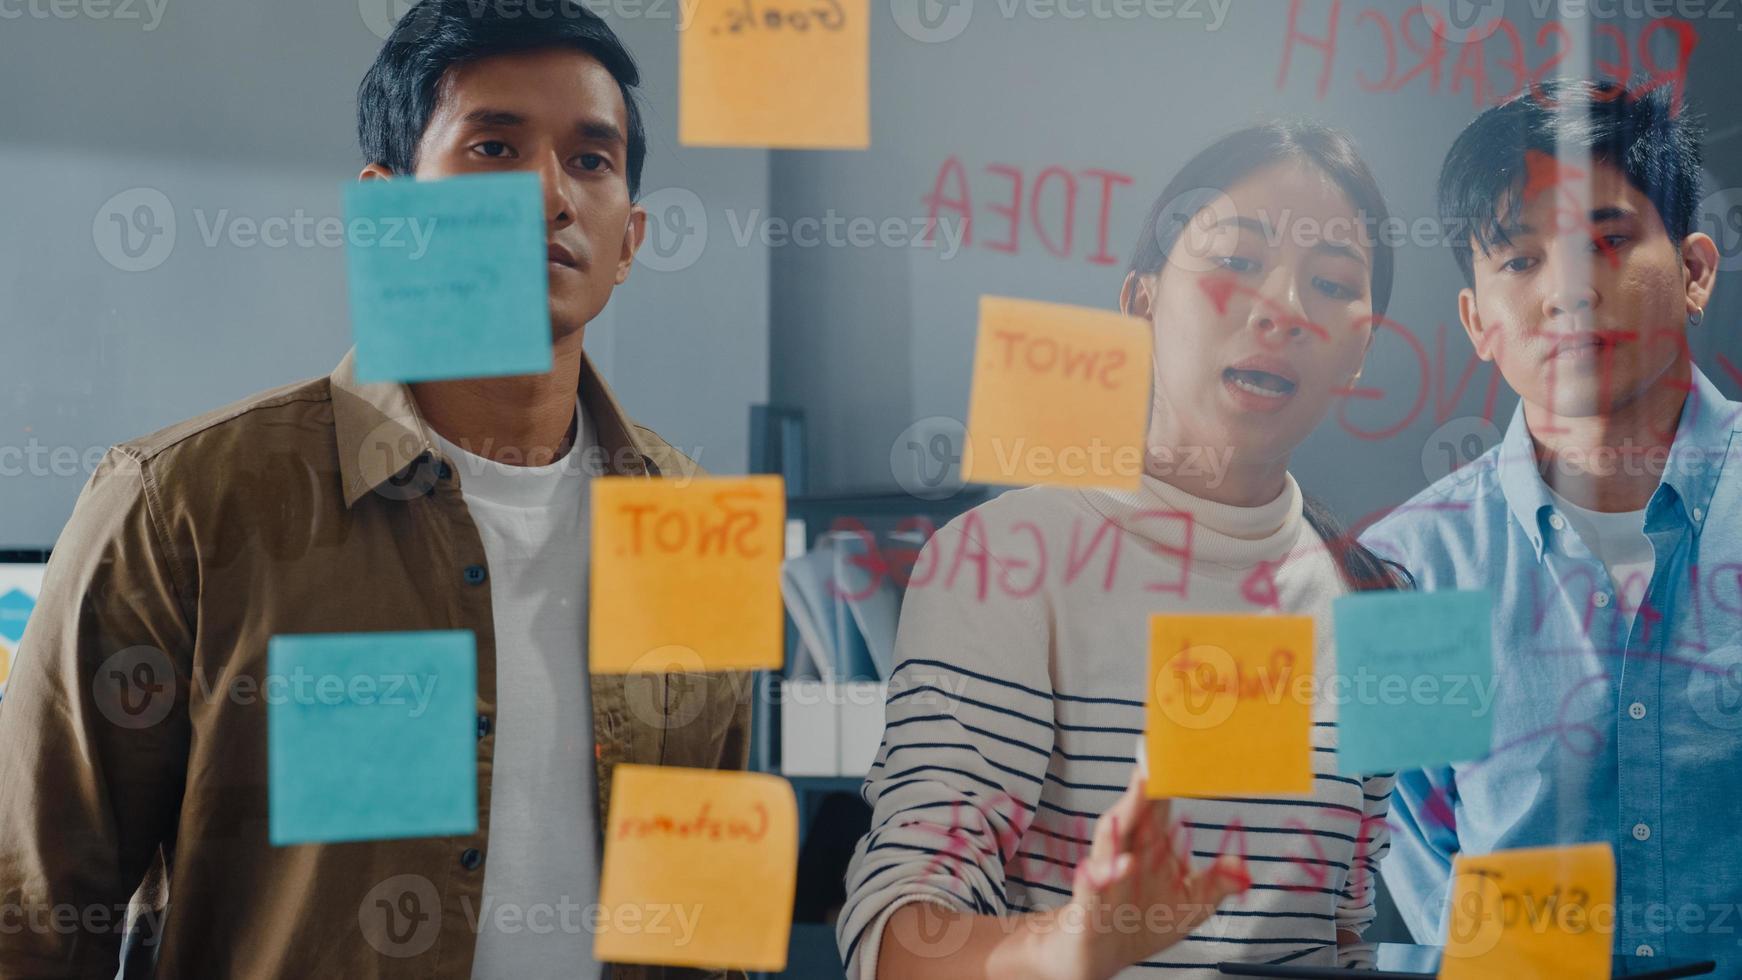 gli uomini d'affari dell'asia stanno dietro la parete di vetro trasparente ascoltano il manager che indica lo stato di avanzamento dei lavori e fanno brainstorming sulla riunione e il post dei lavoratori nota adesiva sul muro in ufficio. ispirazione aziendale, condividere idee. foto